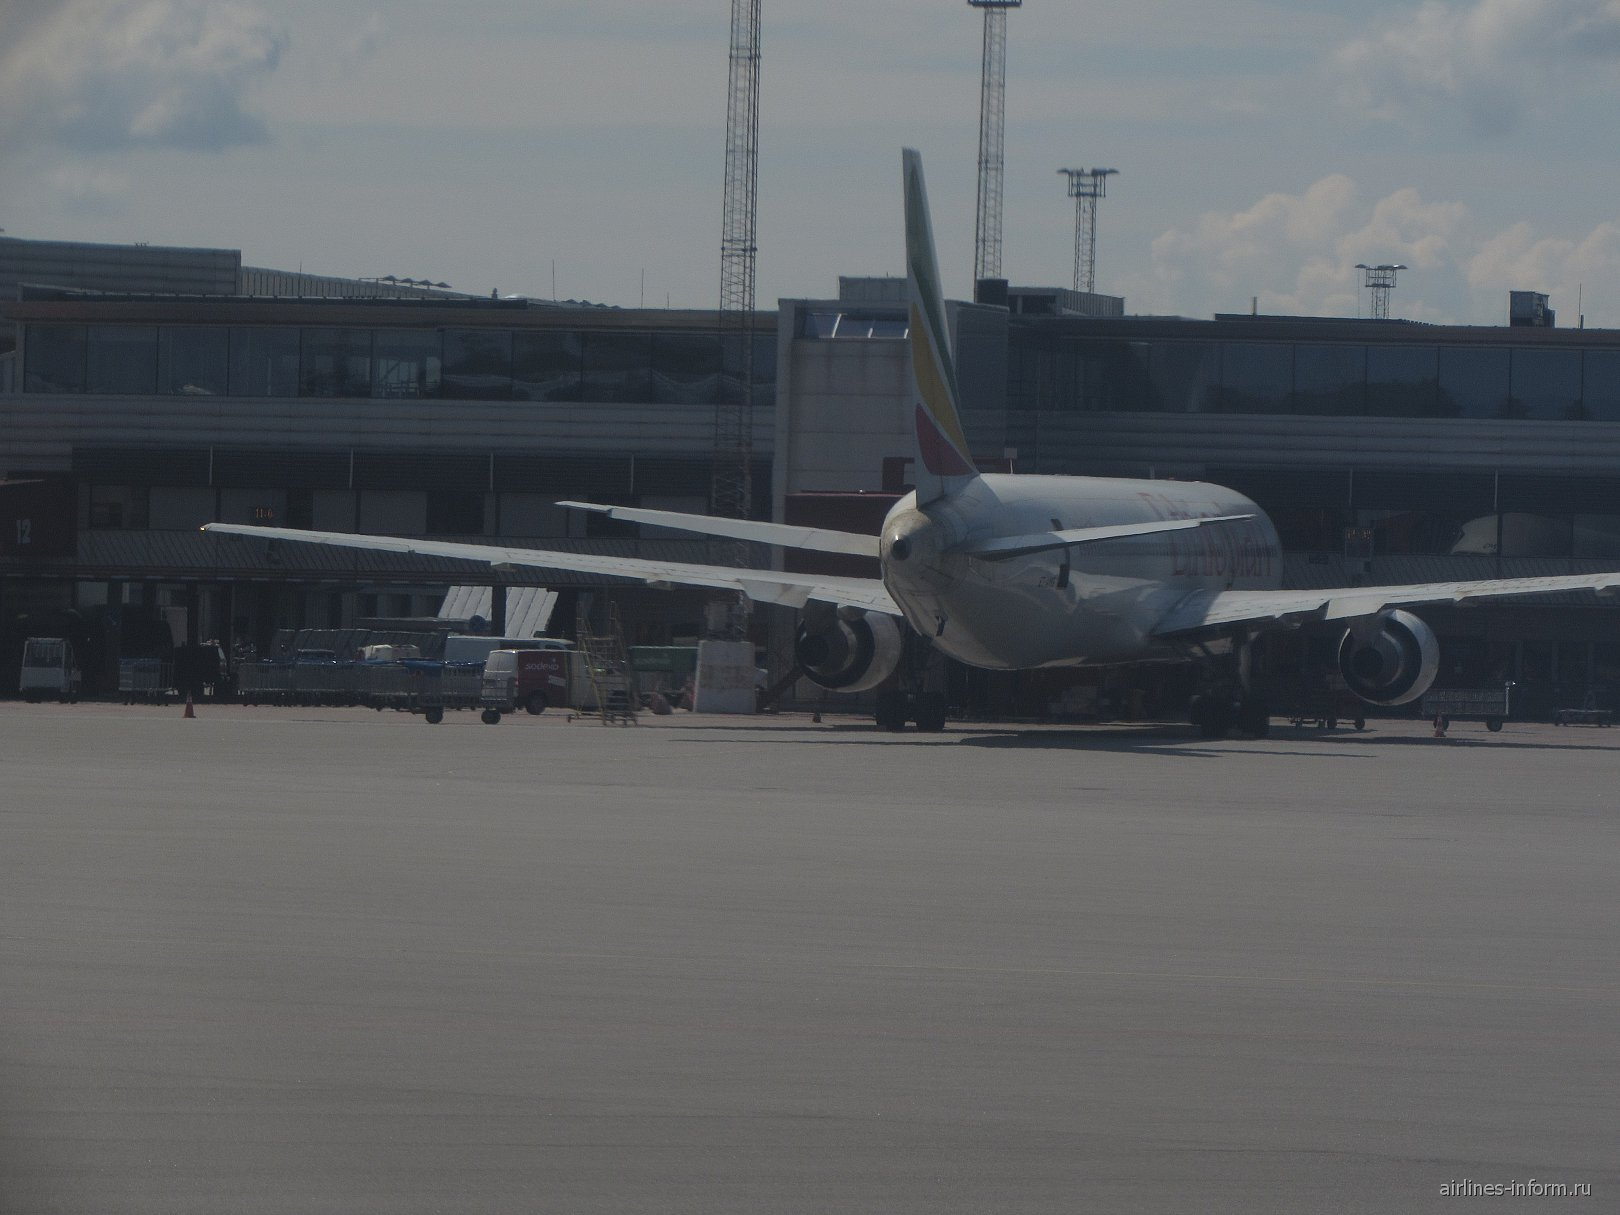 Б-767 Эфиопских авиалиний